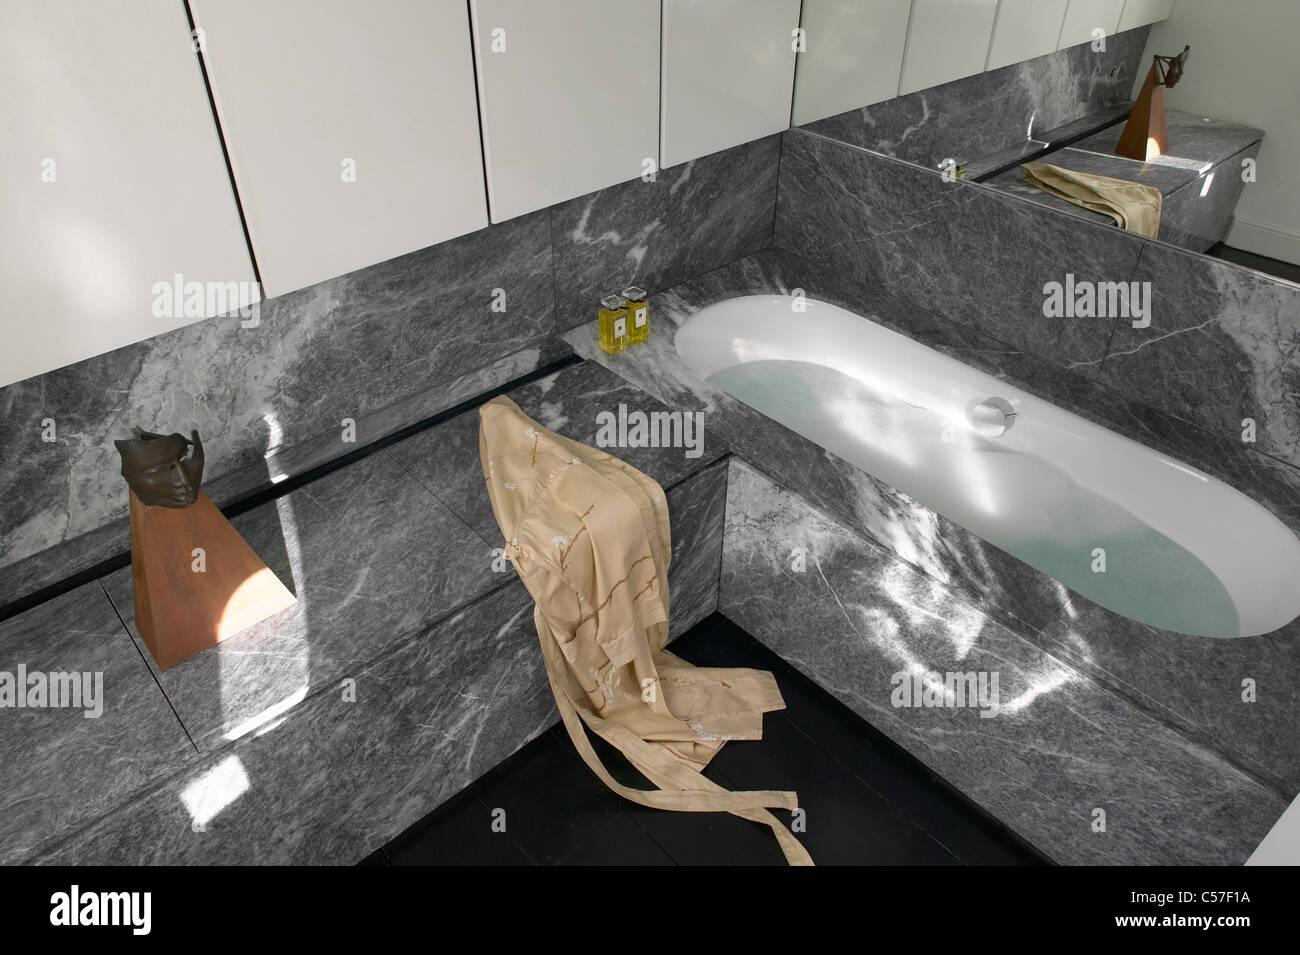 Contemporary Bathtubs Stock Photos & Contemporary Bathtubs Stock ...